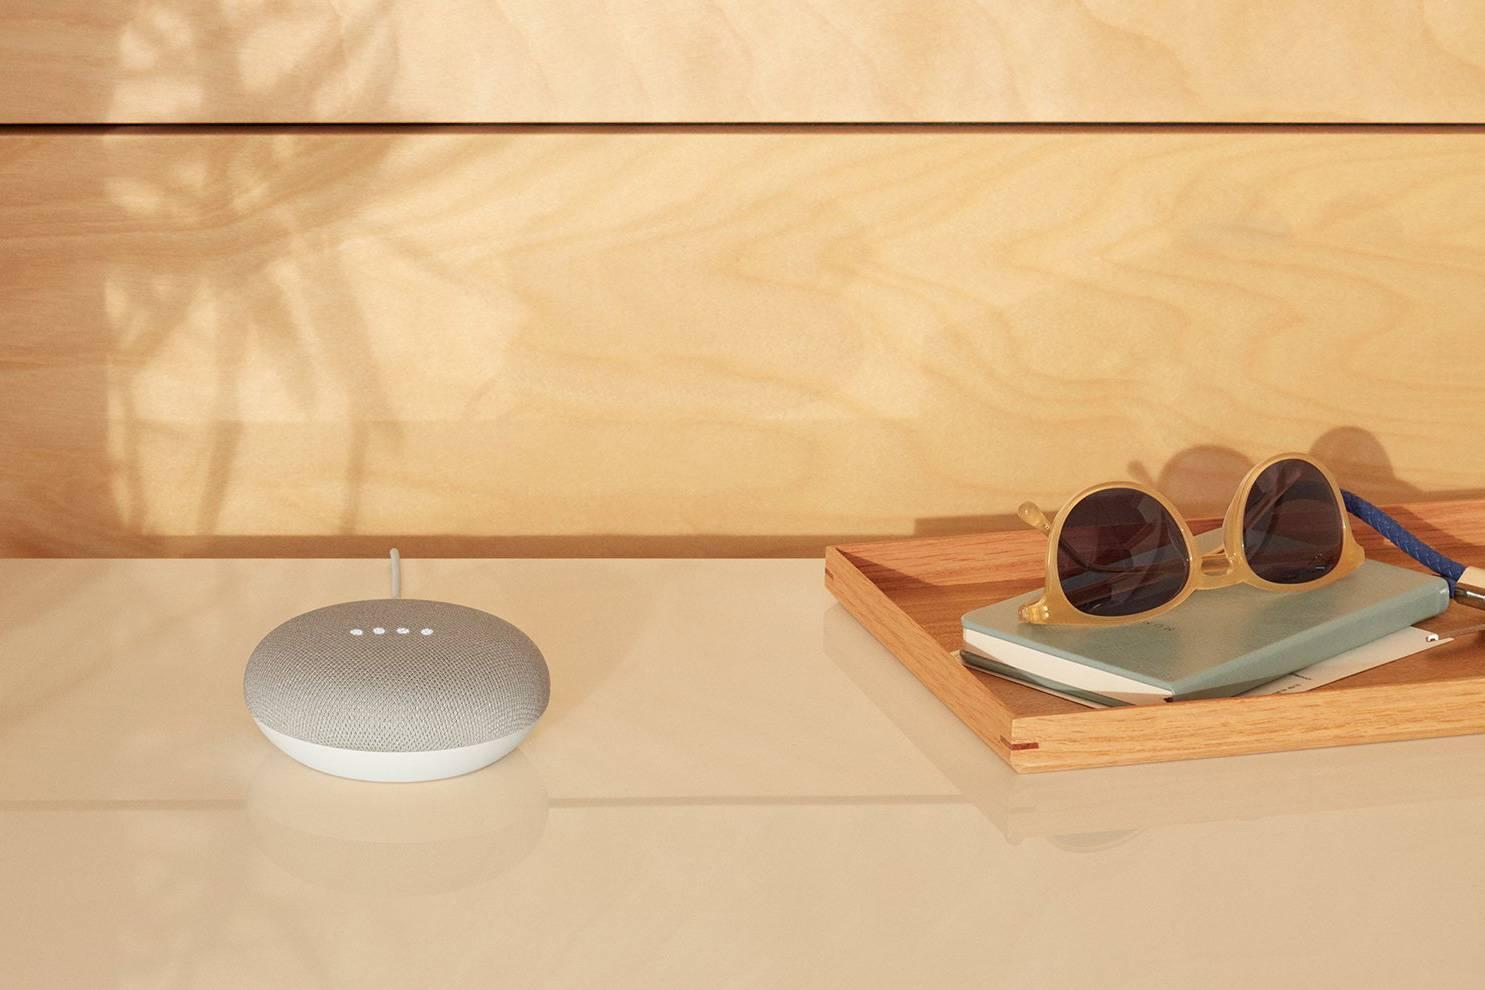 Yonomi smart home platform now has Google Assistant